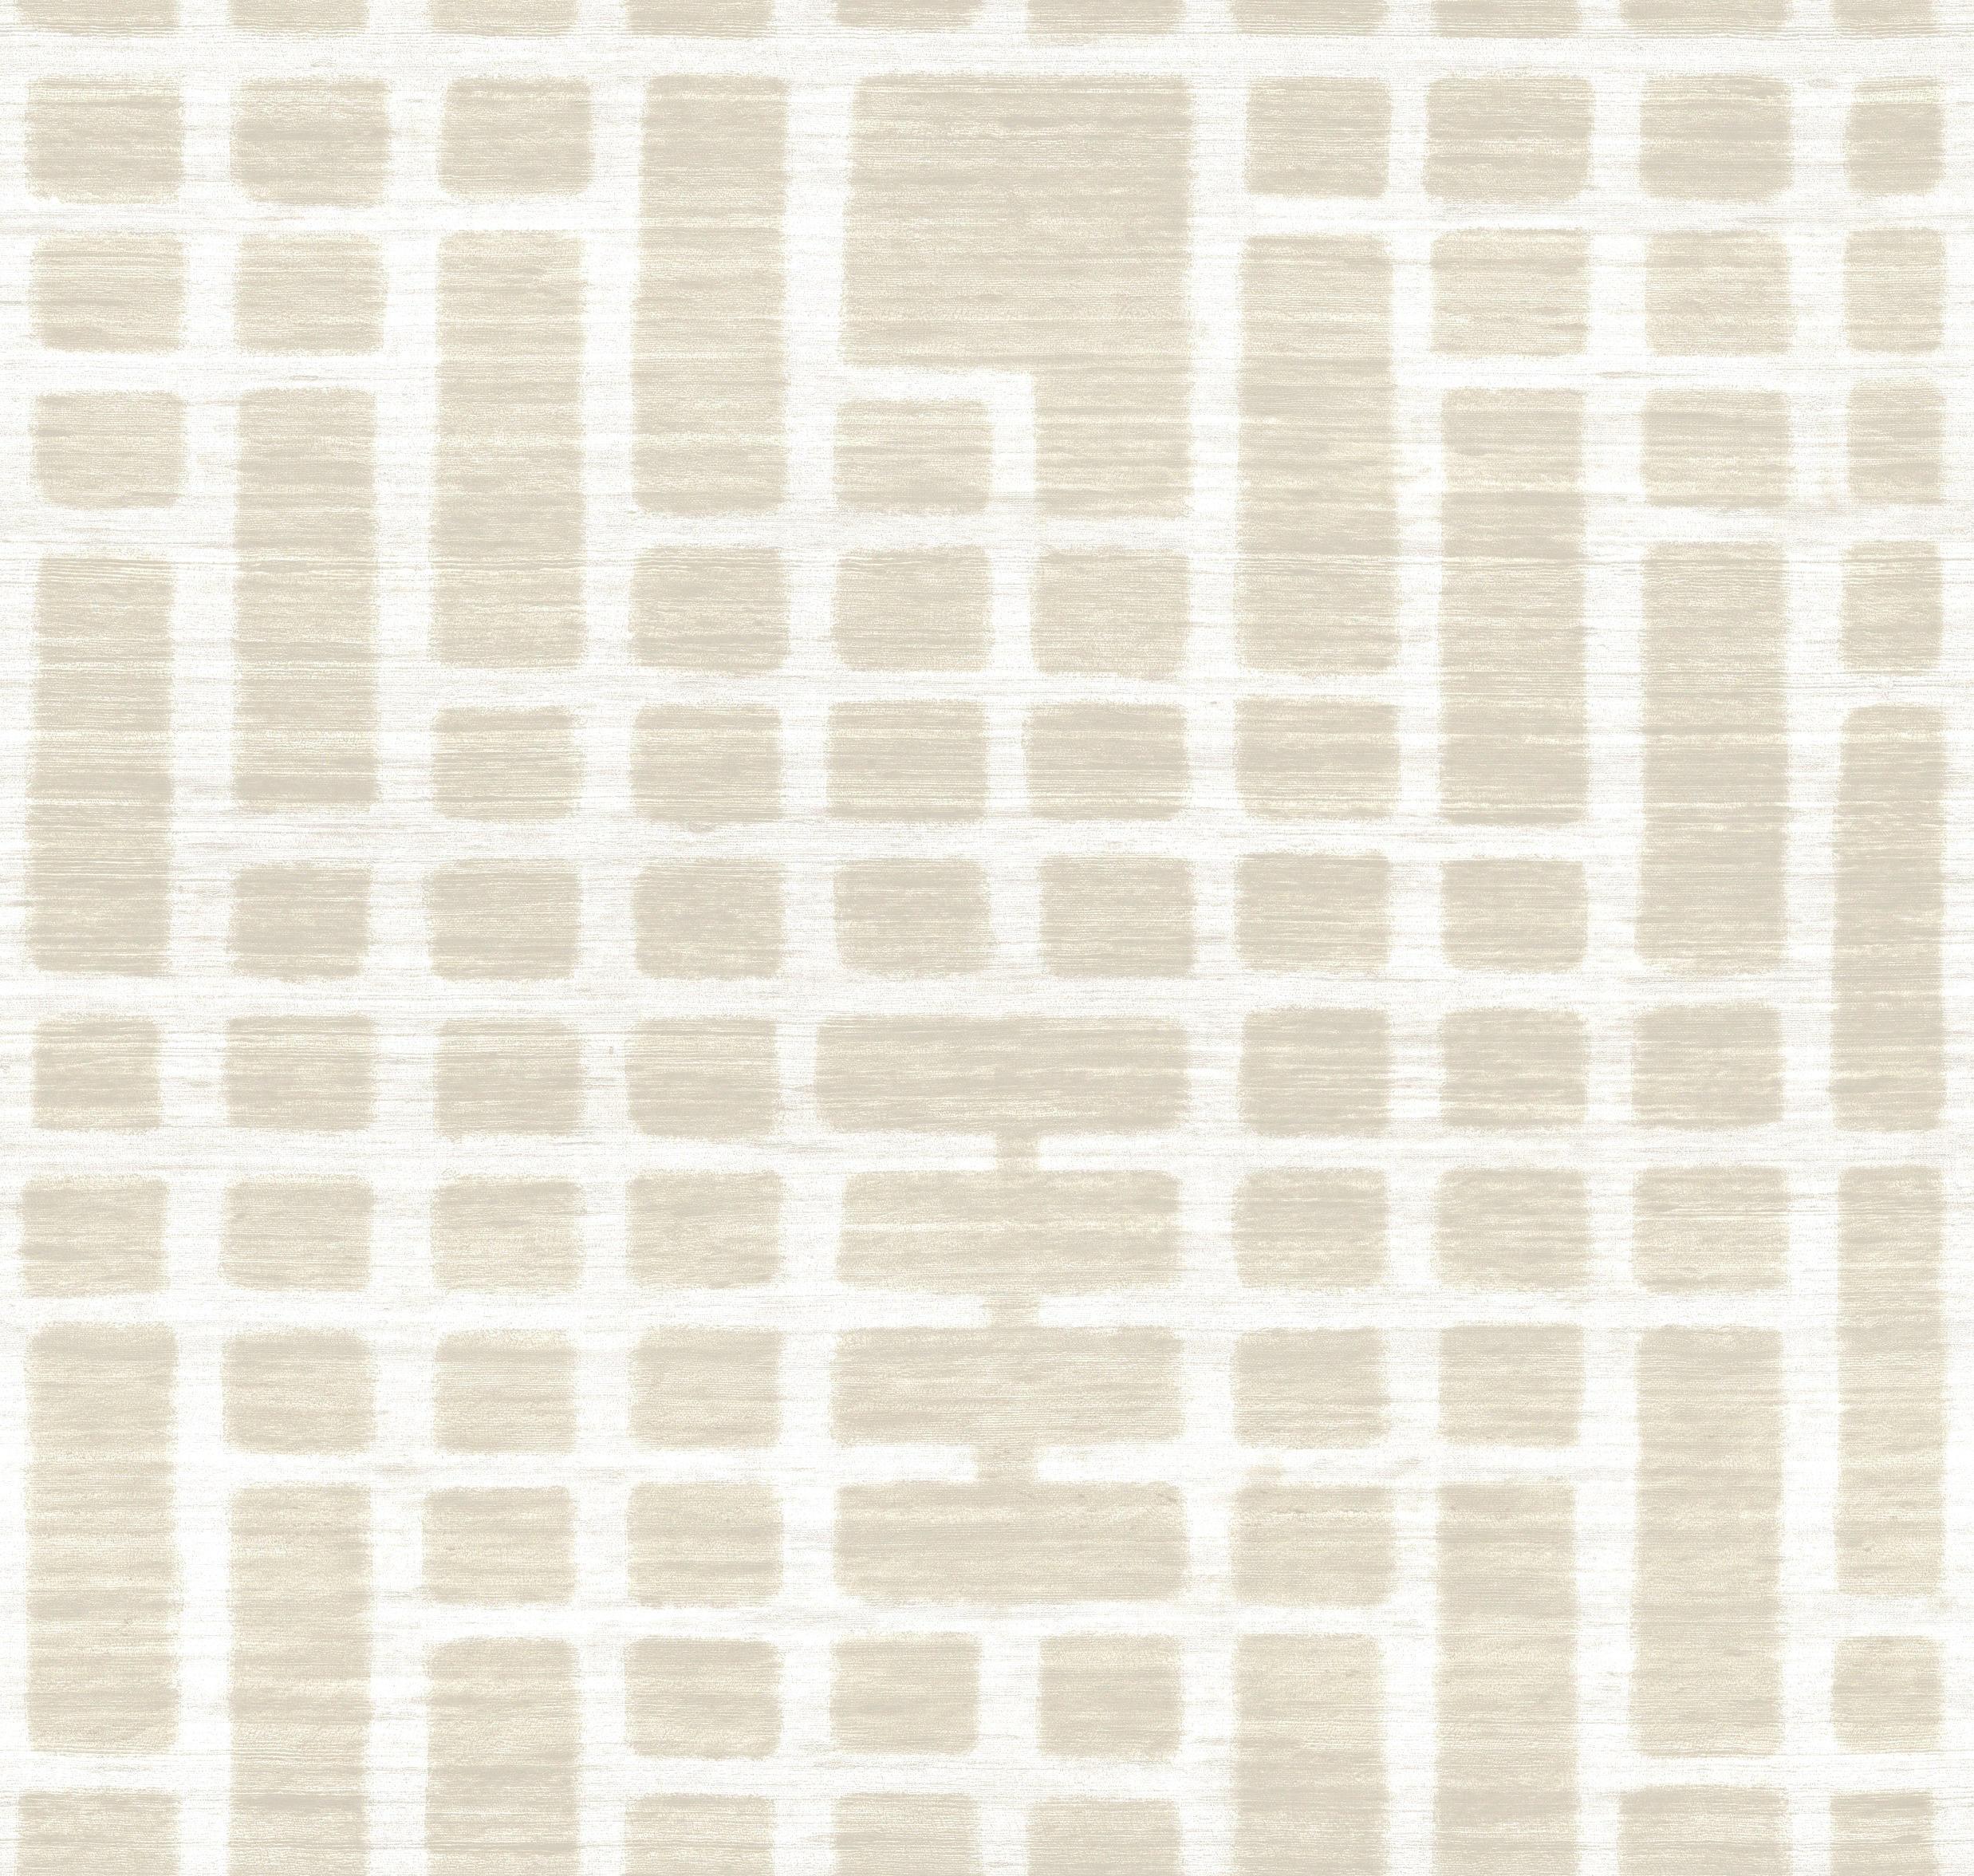 Talamone Parla Con Me Vp 853 01 Revetements Muraux Papiers